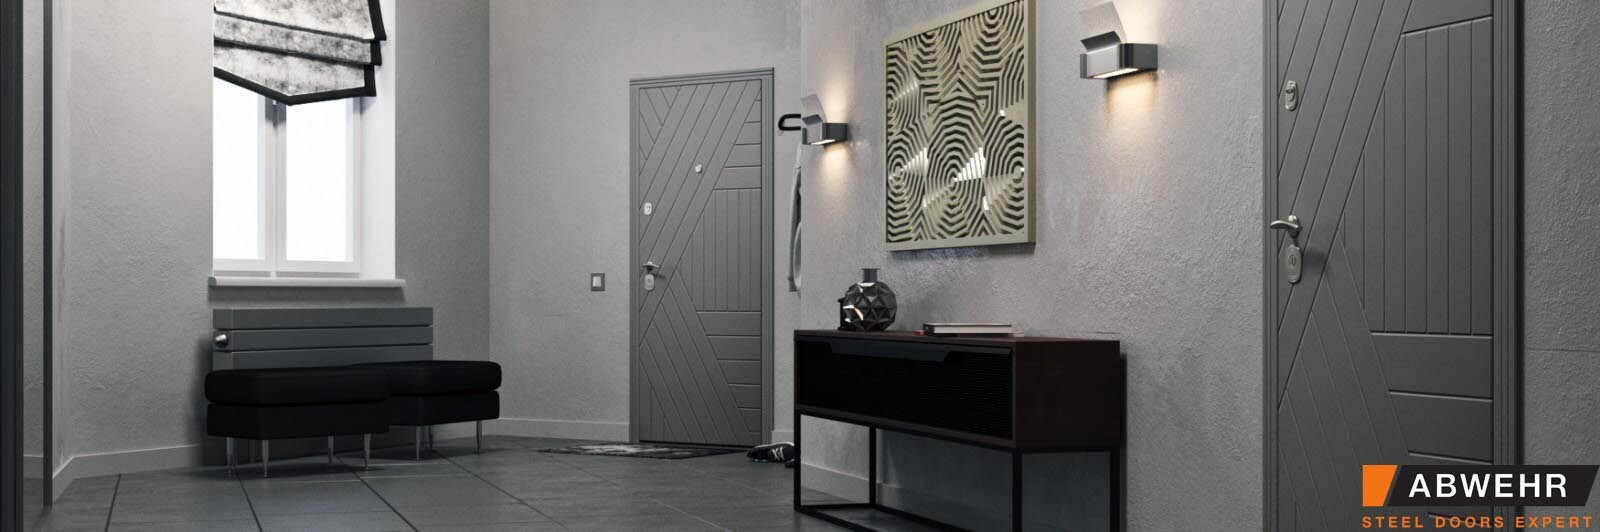 Двері Абвер Мірта фото в інтер'єрі